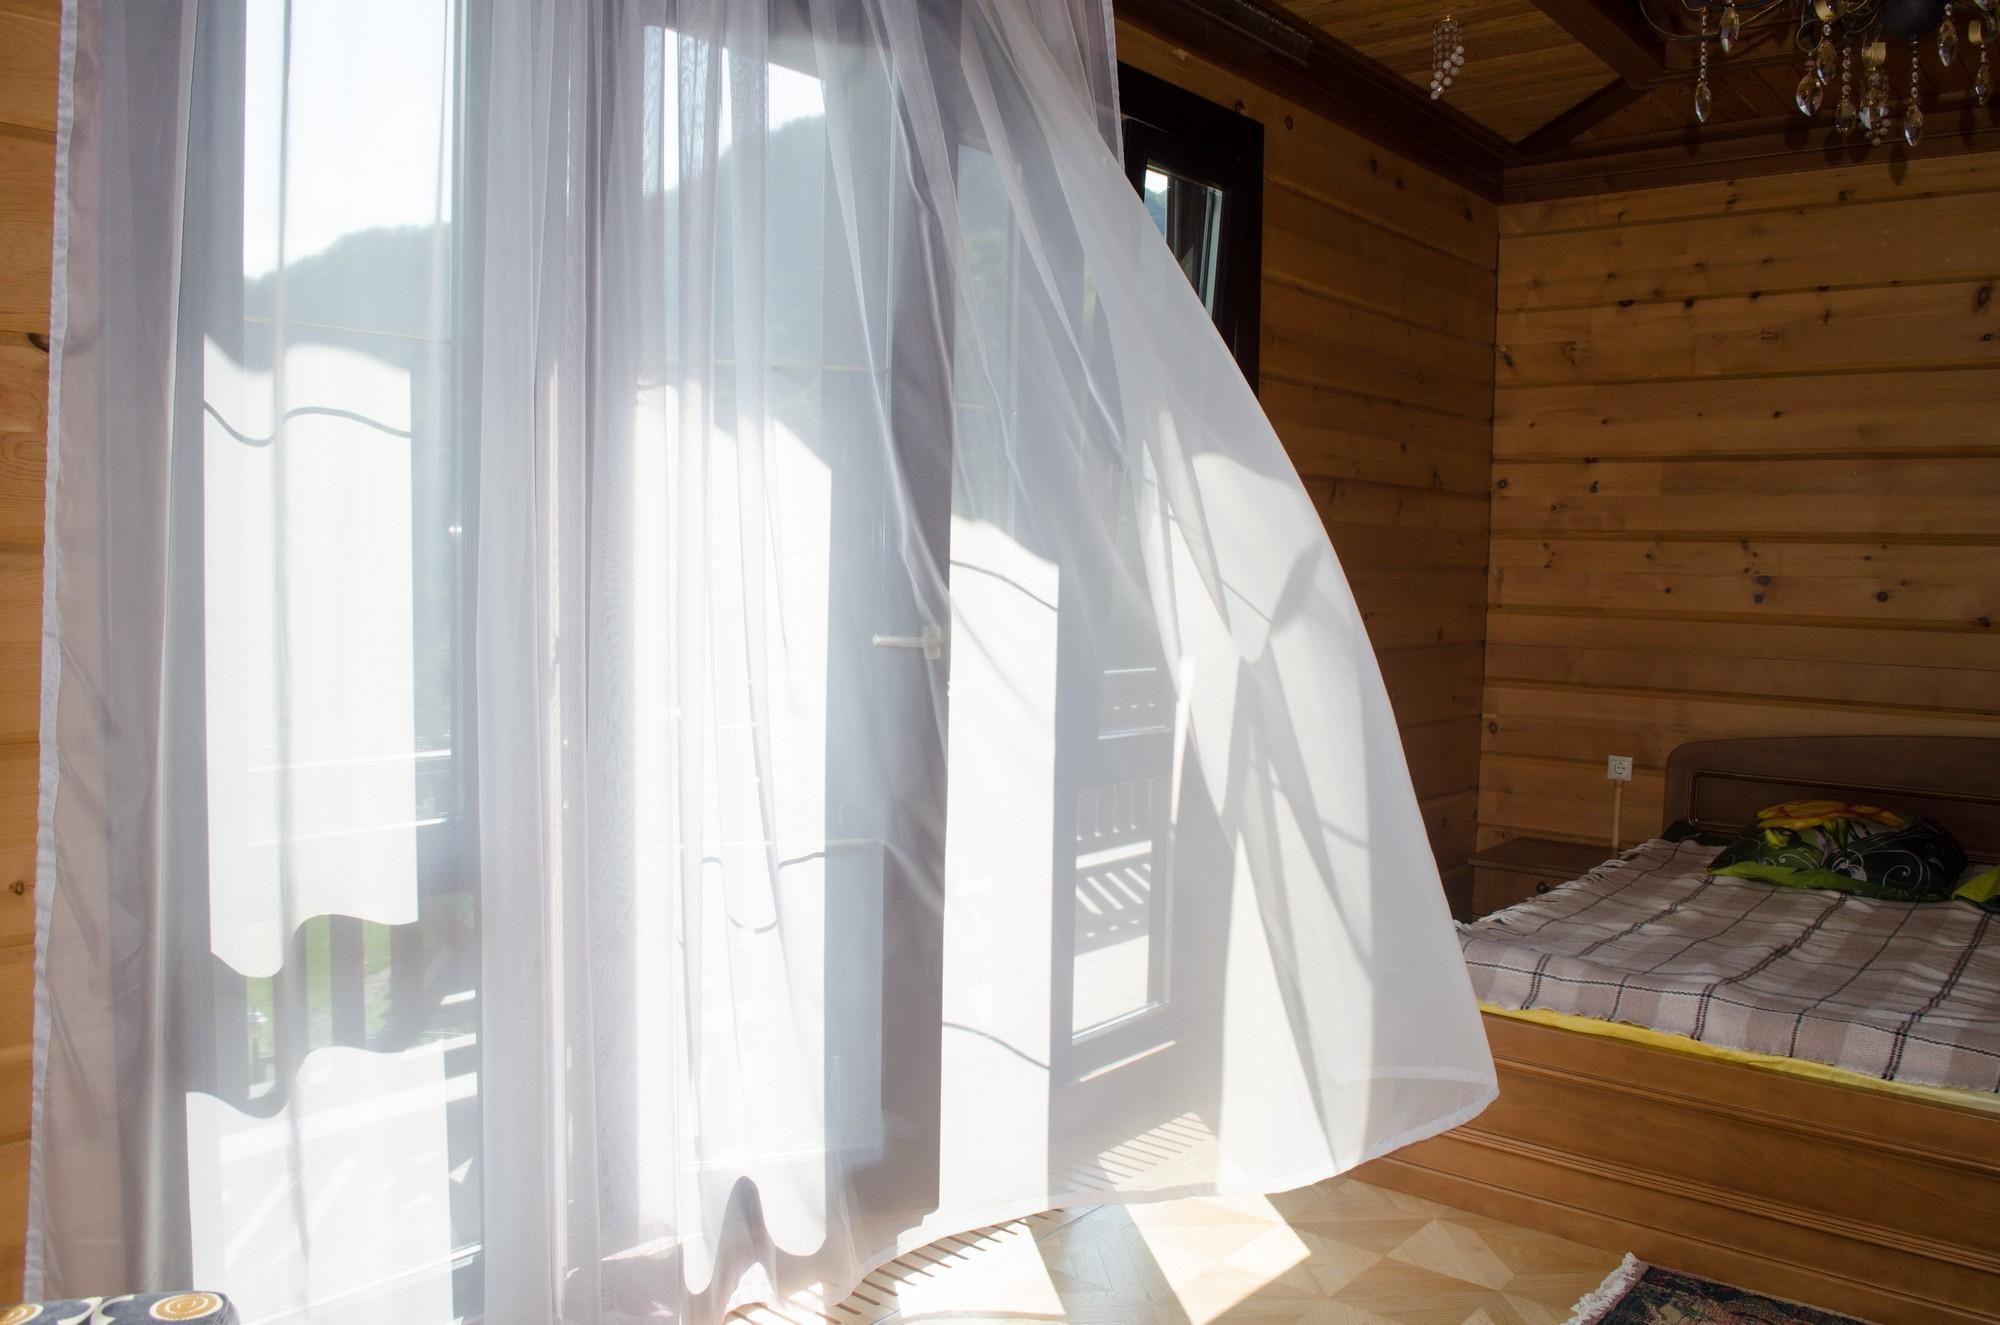 Продажа горной резиденции в Красной поляне - image prodazha-gostinicy-v-krasnoi-polyane-15 on https://bizneskvartal.ru